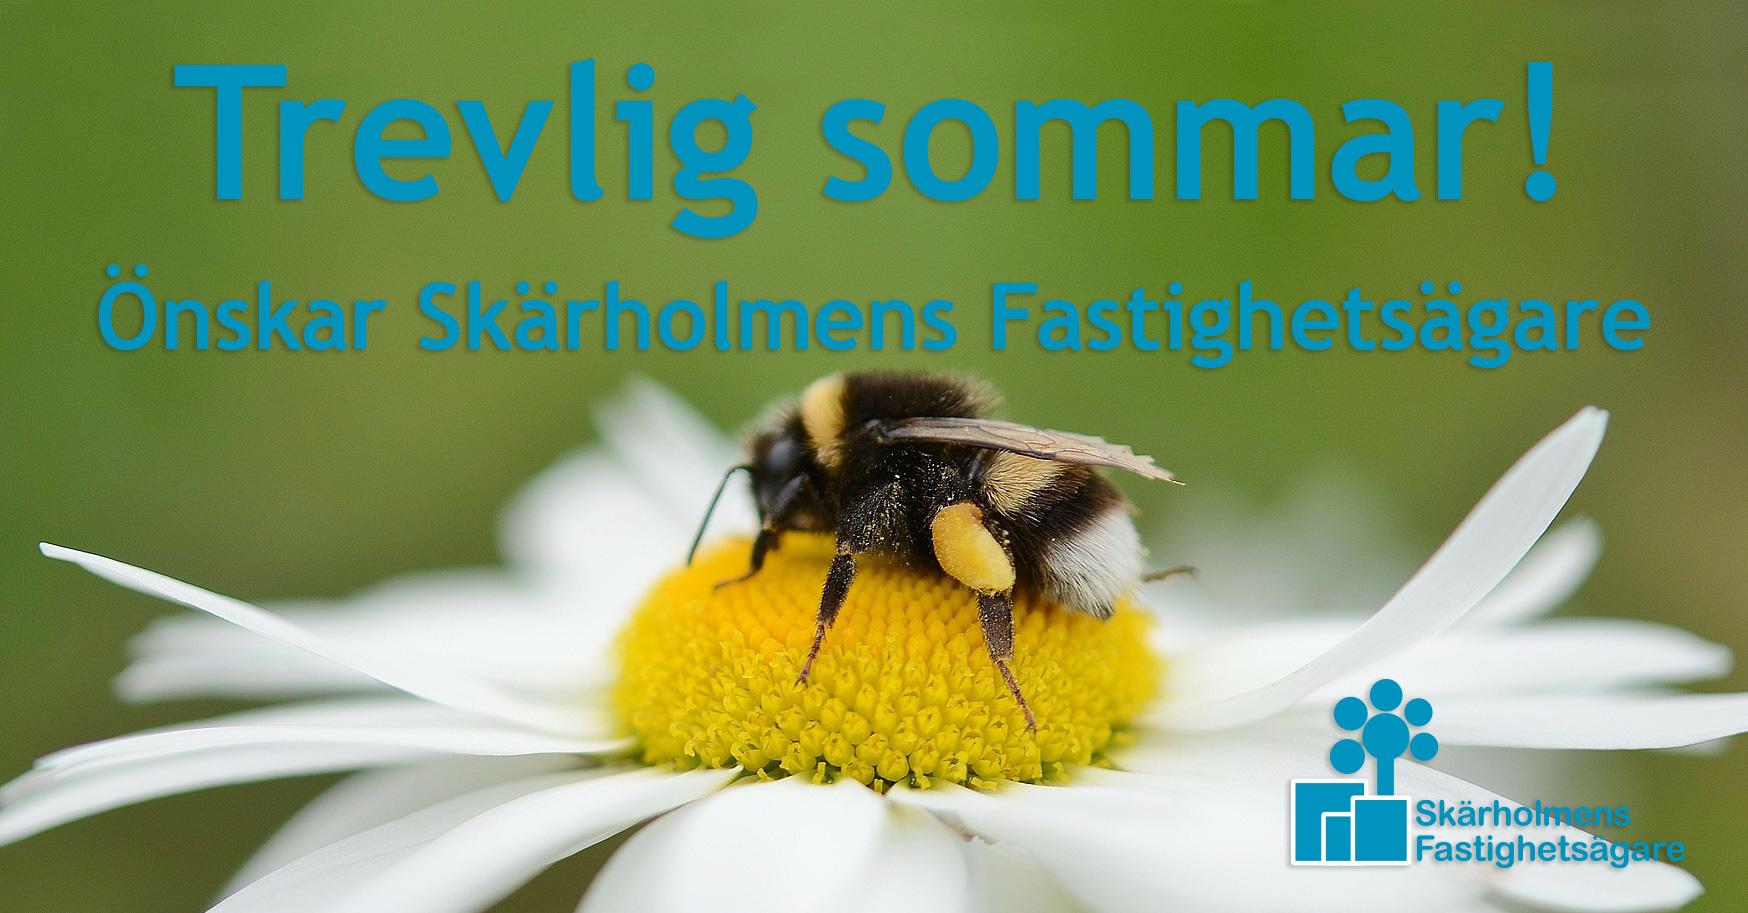 Trevlig sommar önskar Skärholmens Fastighetsägare